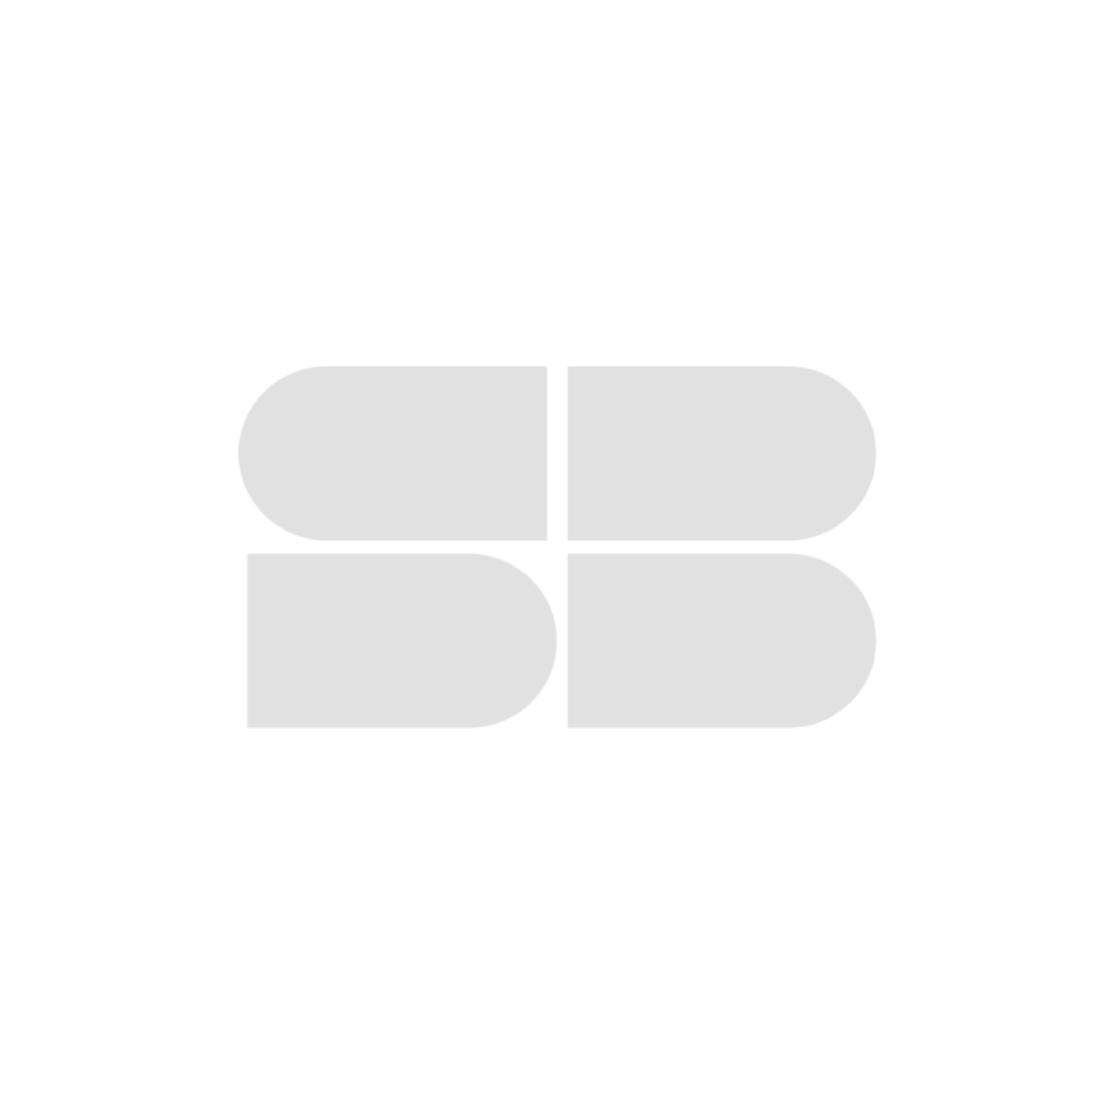 เก้าอี้พักผ่อน ขนาดเล็กกว่า 1.8 ม. รุ่น Ladoi สีเทา01